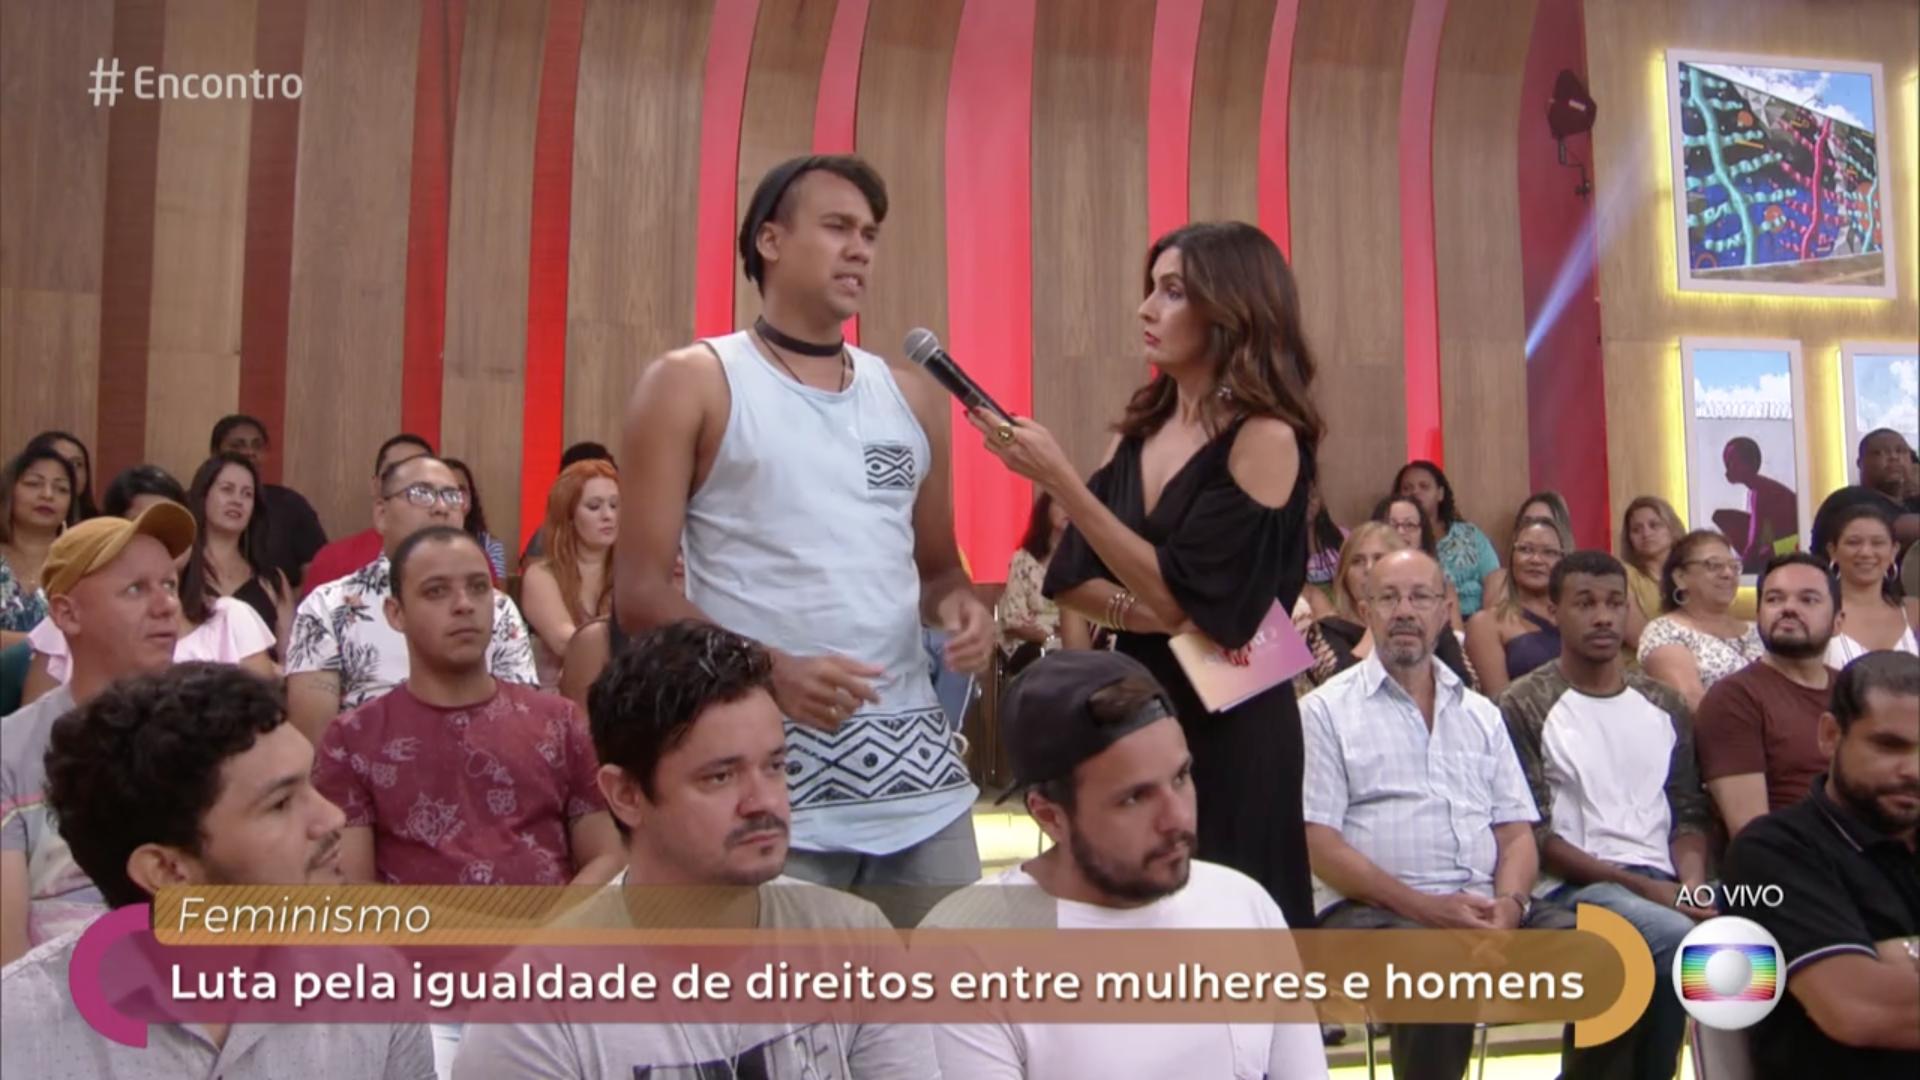 Fátima Bernardes ouvindo rapaz da platéia no Encontro (Foto: Reprodução/Globo)